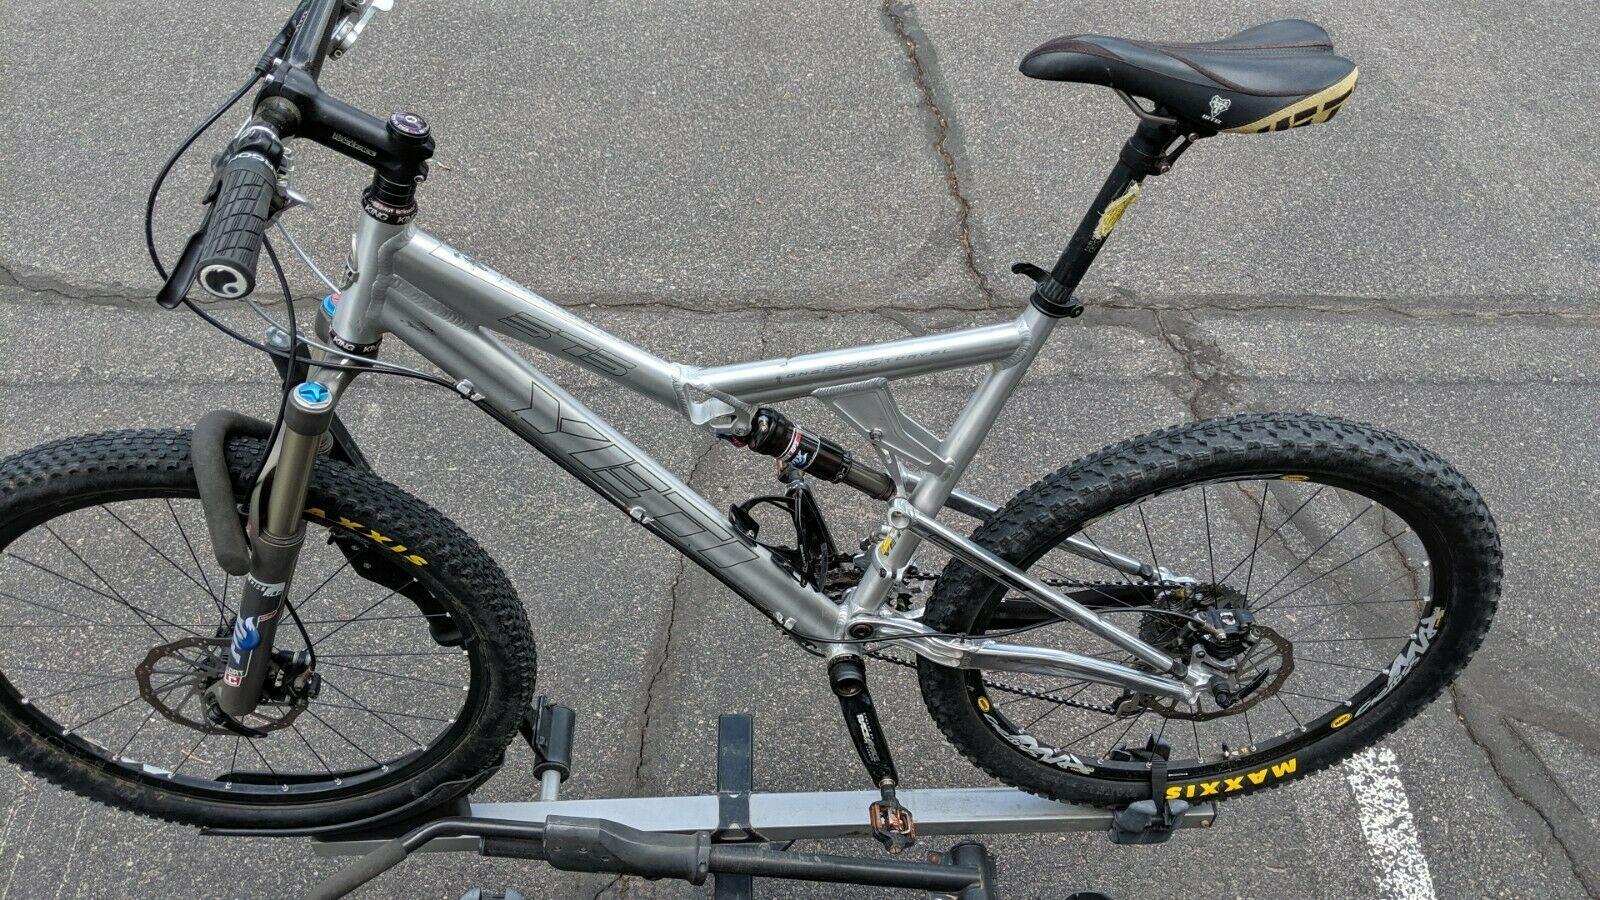 Yeti 575 Full Suspension Mountain Bike Large Mountain Bike